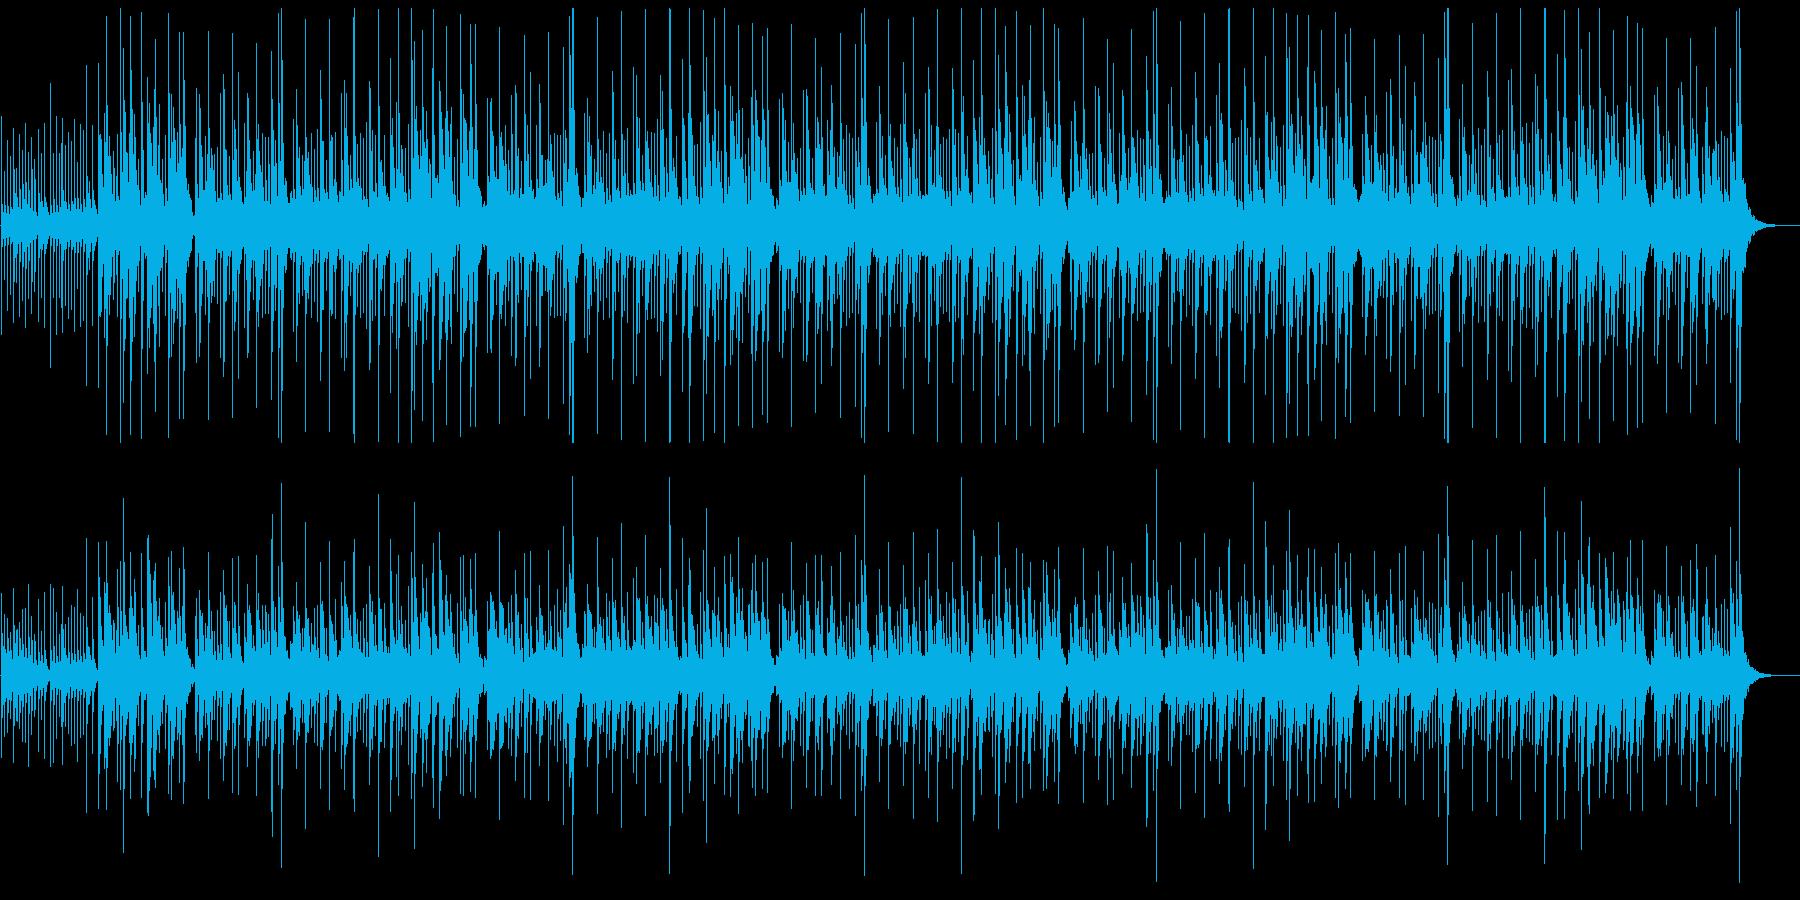 弾ける音の連鎖の再生済みの波形